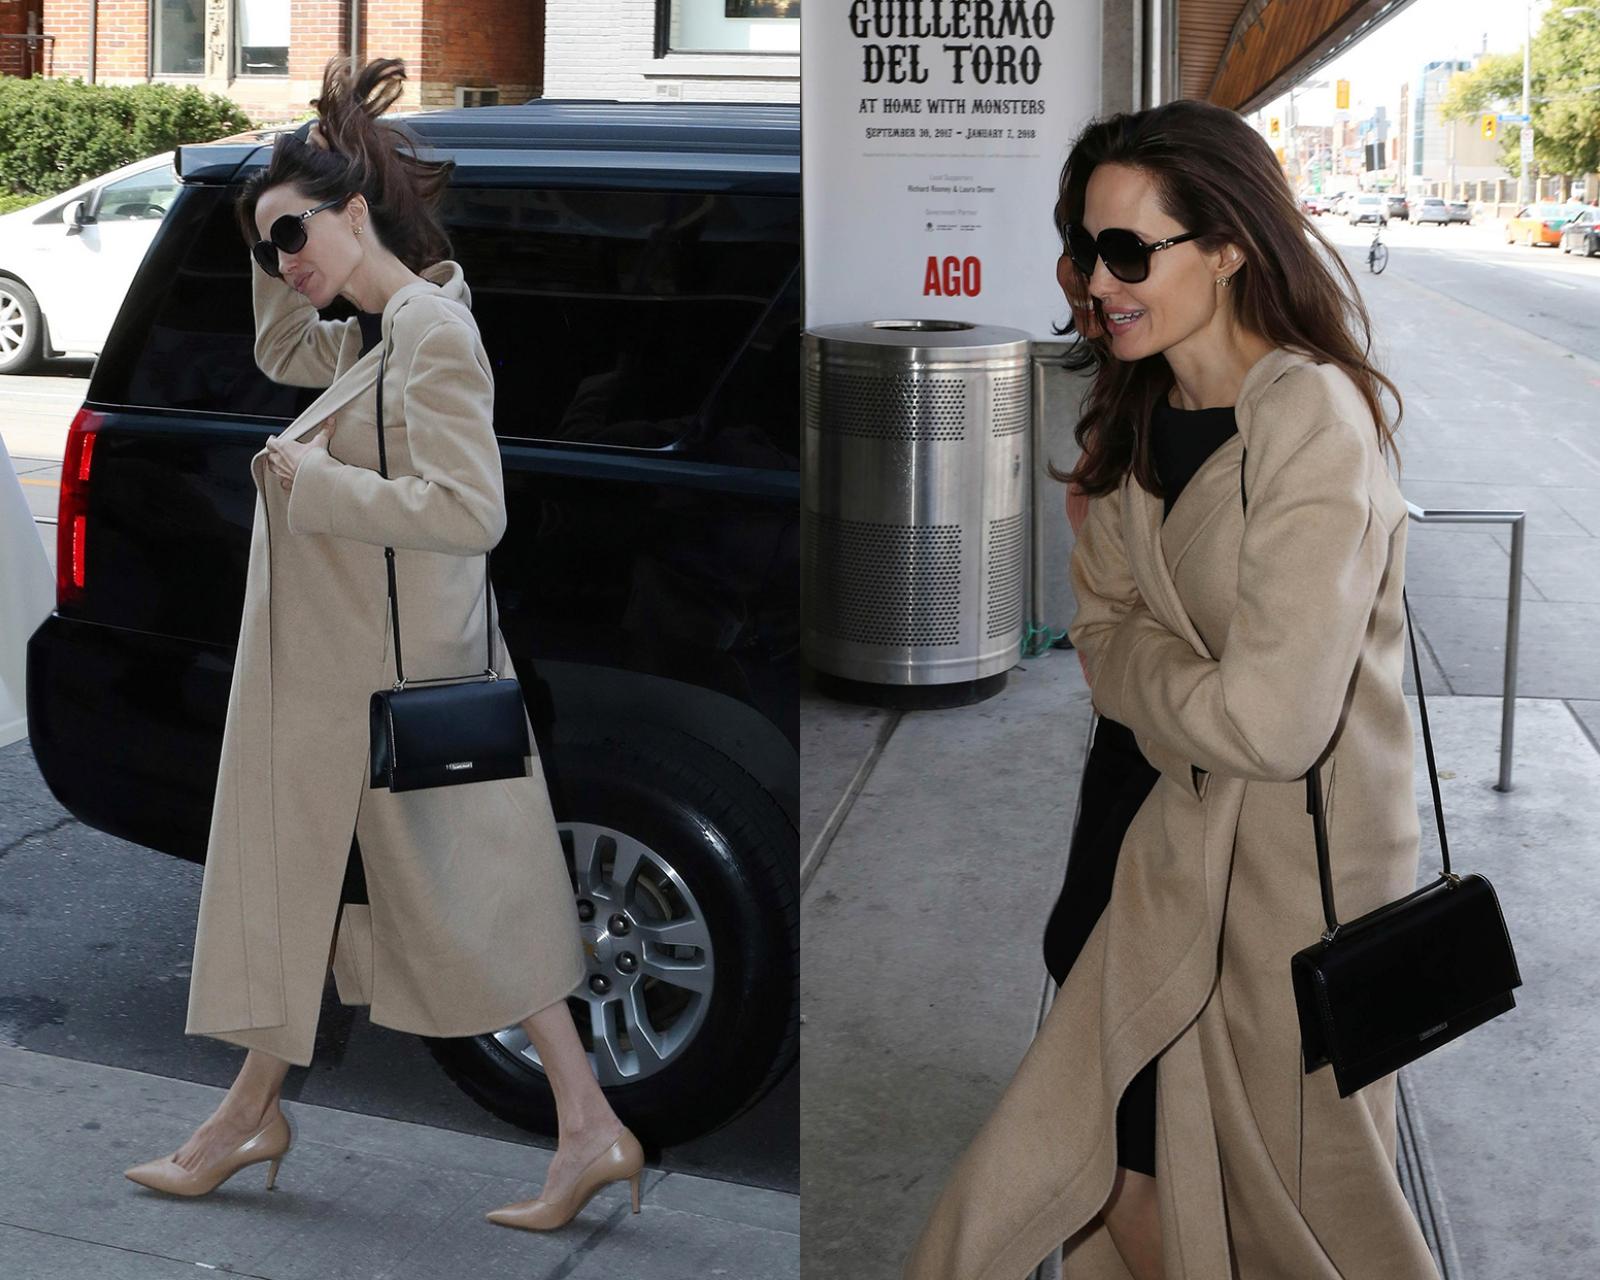 Hình ảnh của Angelina Jolie tại Canada với bộ trang phục sang trọng đậm chất Pháp